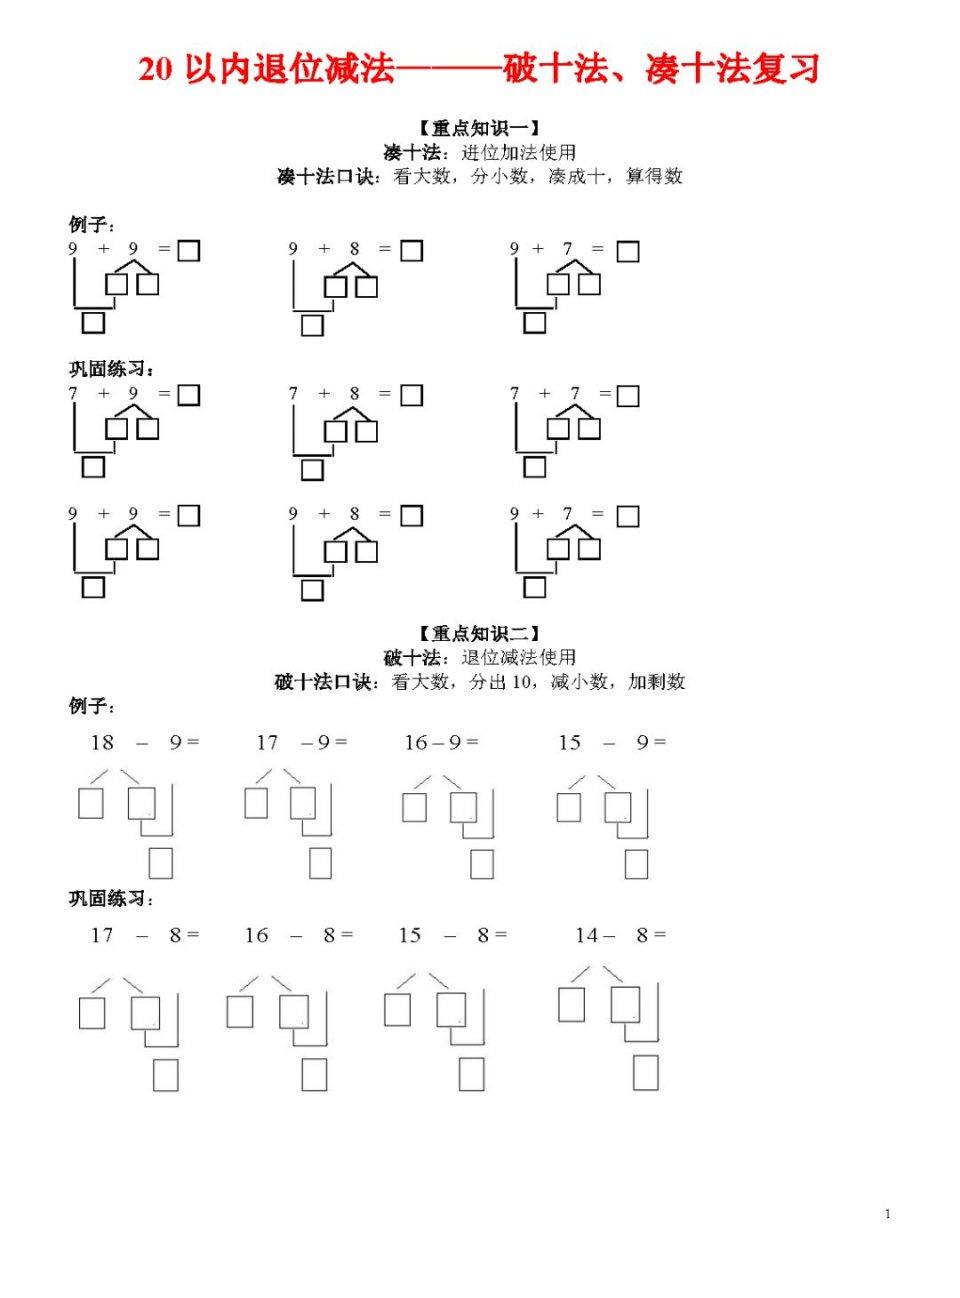 【重点知识二】 破十法:退位减法使用 破十法口诀:看大数,分出10,减图片